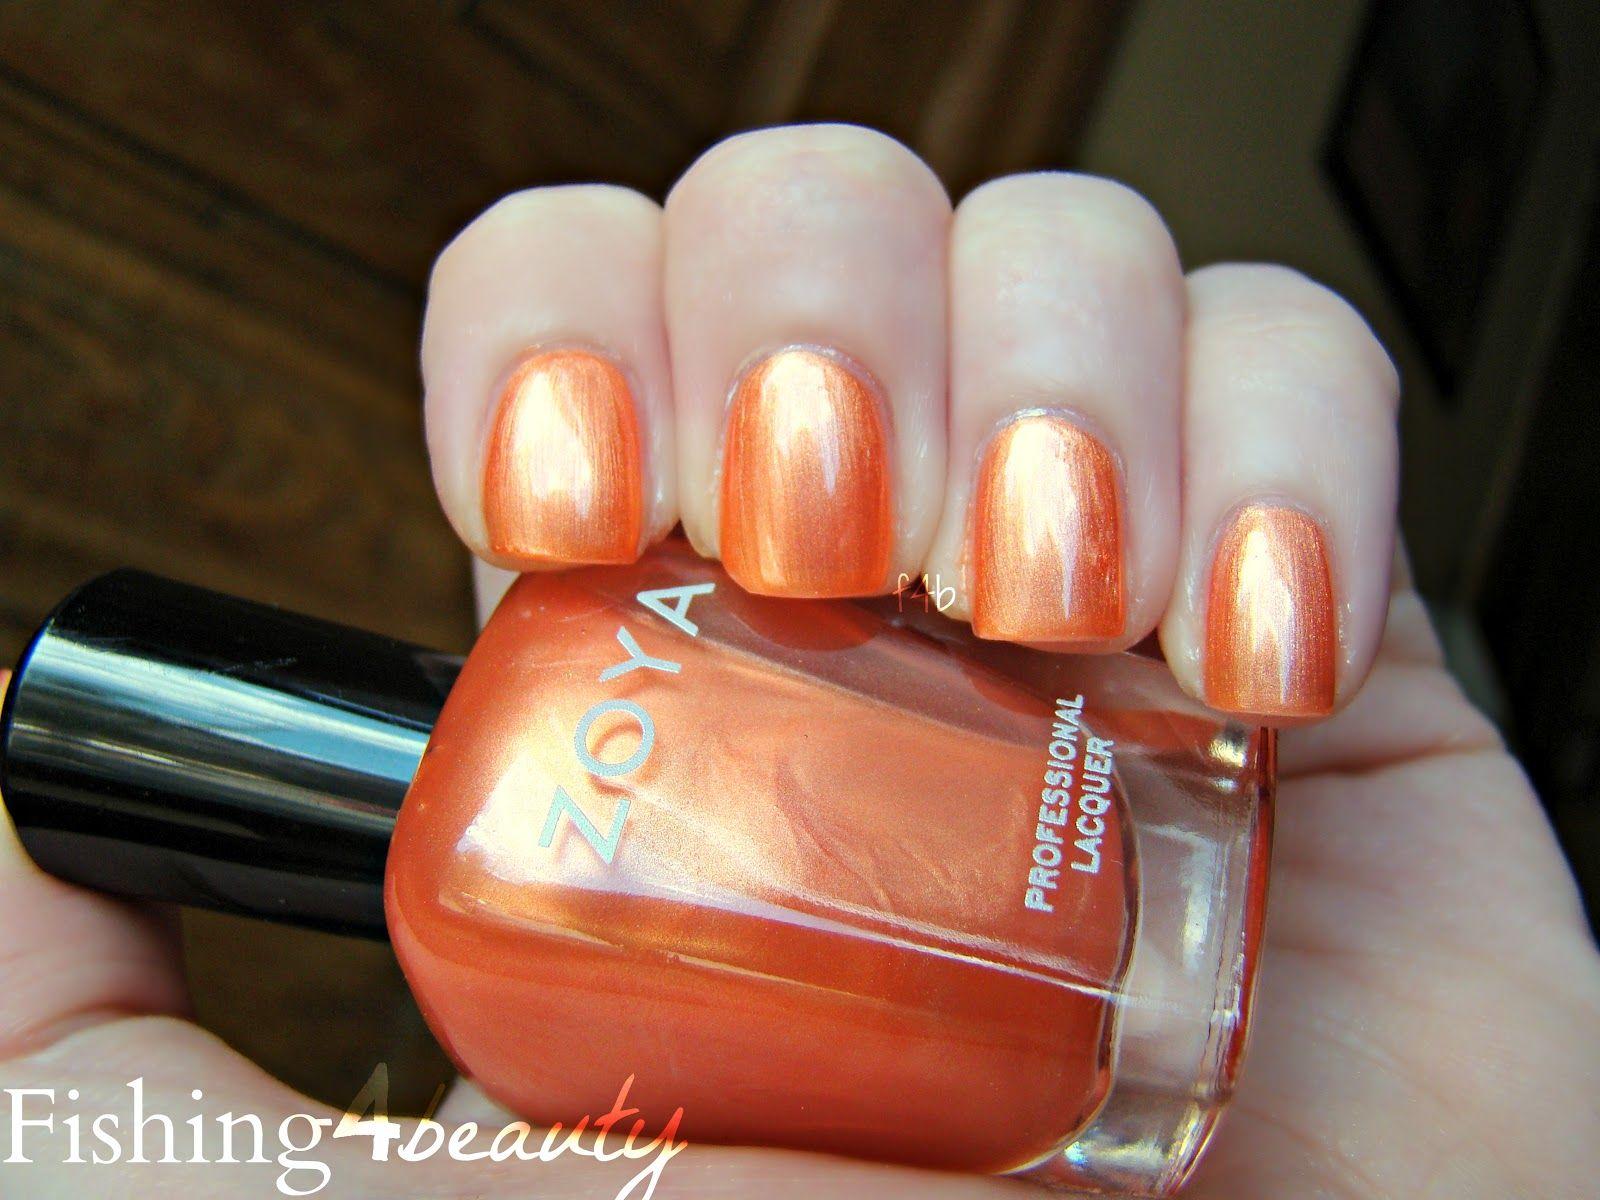 Fishing4Beauty: The Prettiest, Most Wearable Orange... @Zoya Zinger ...